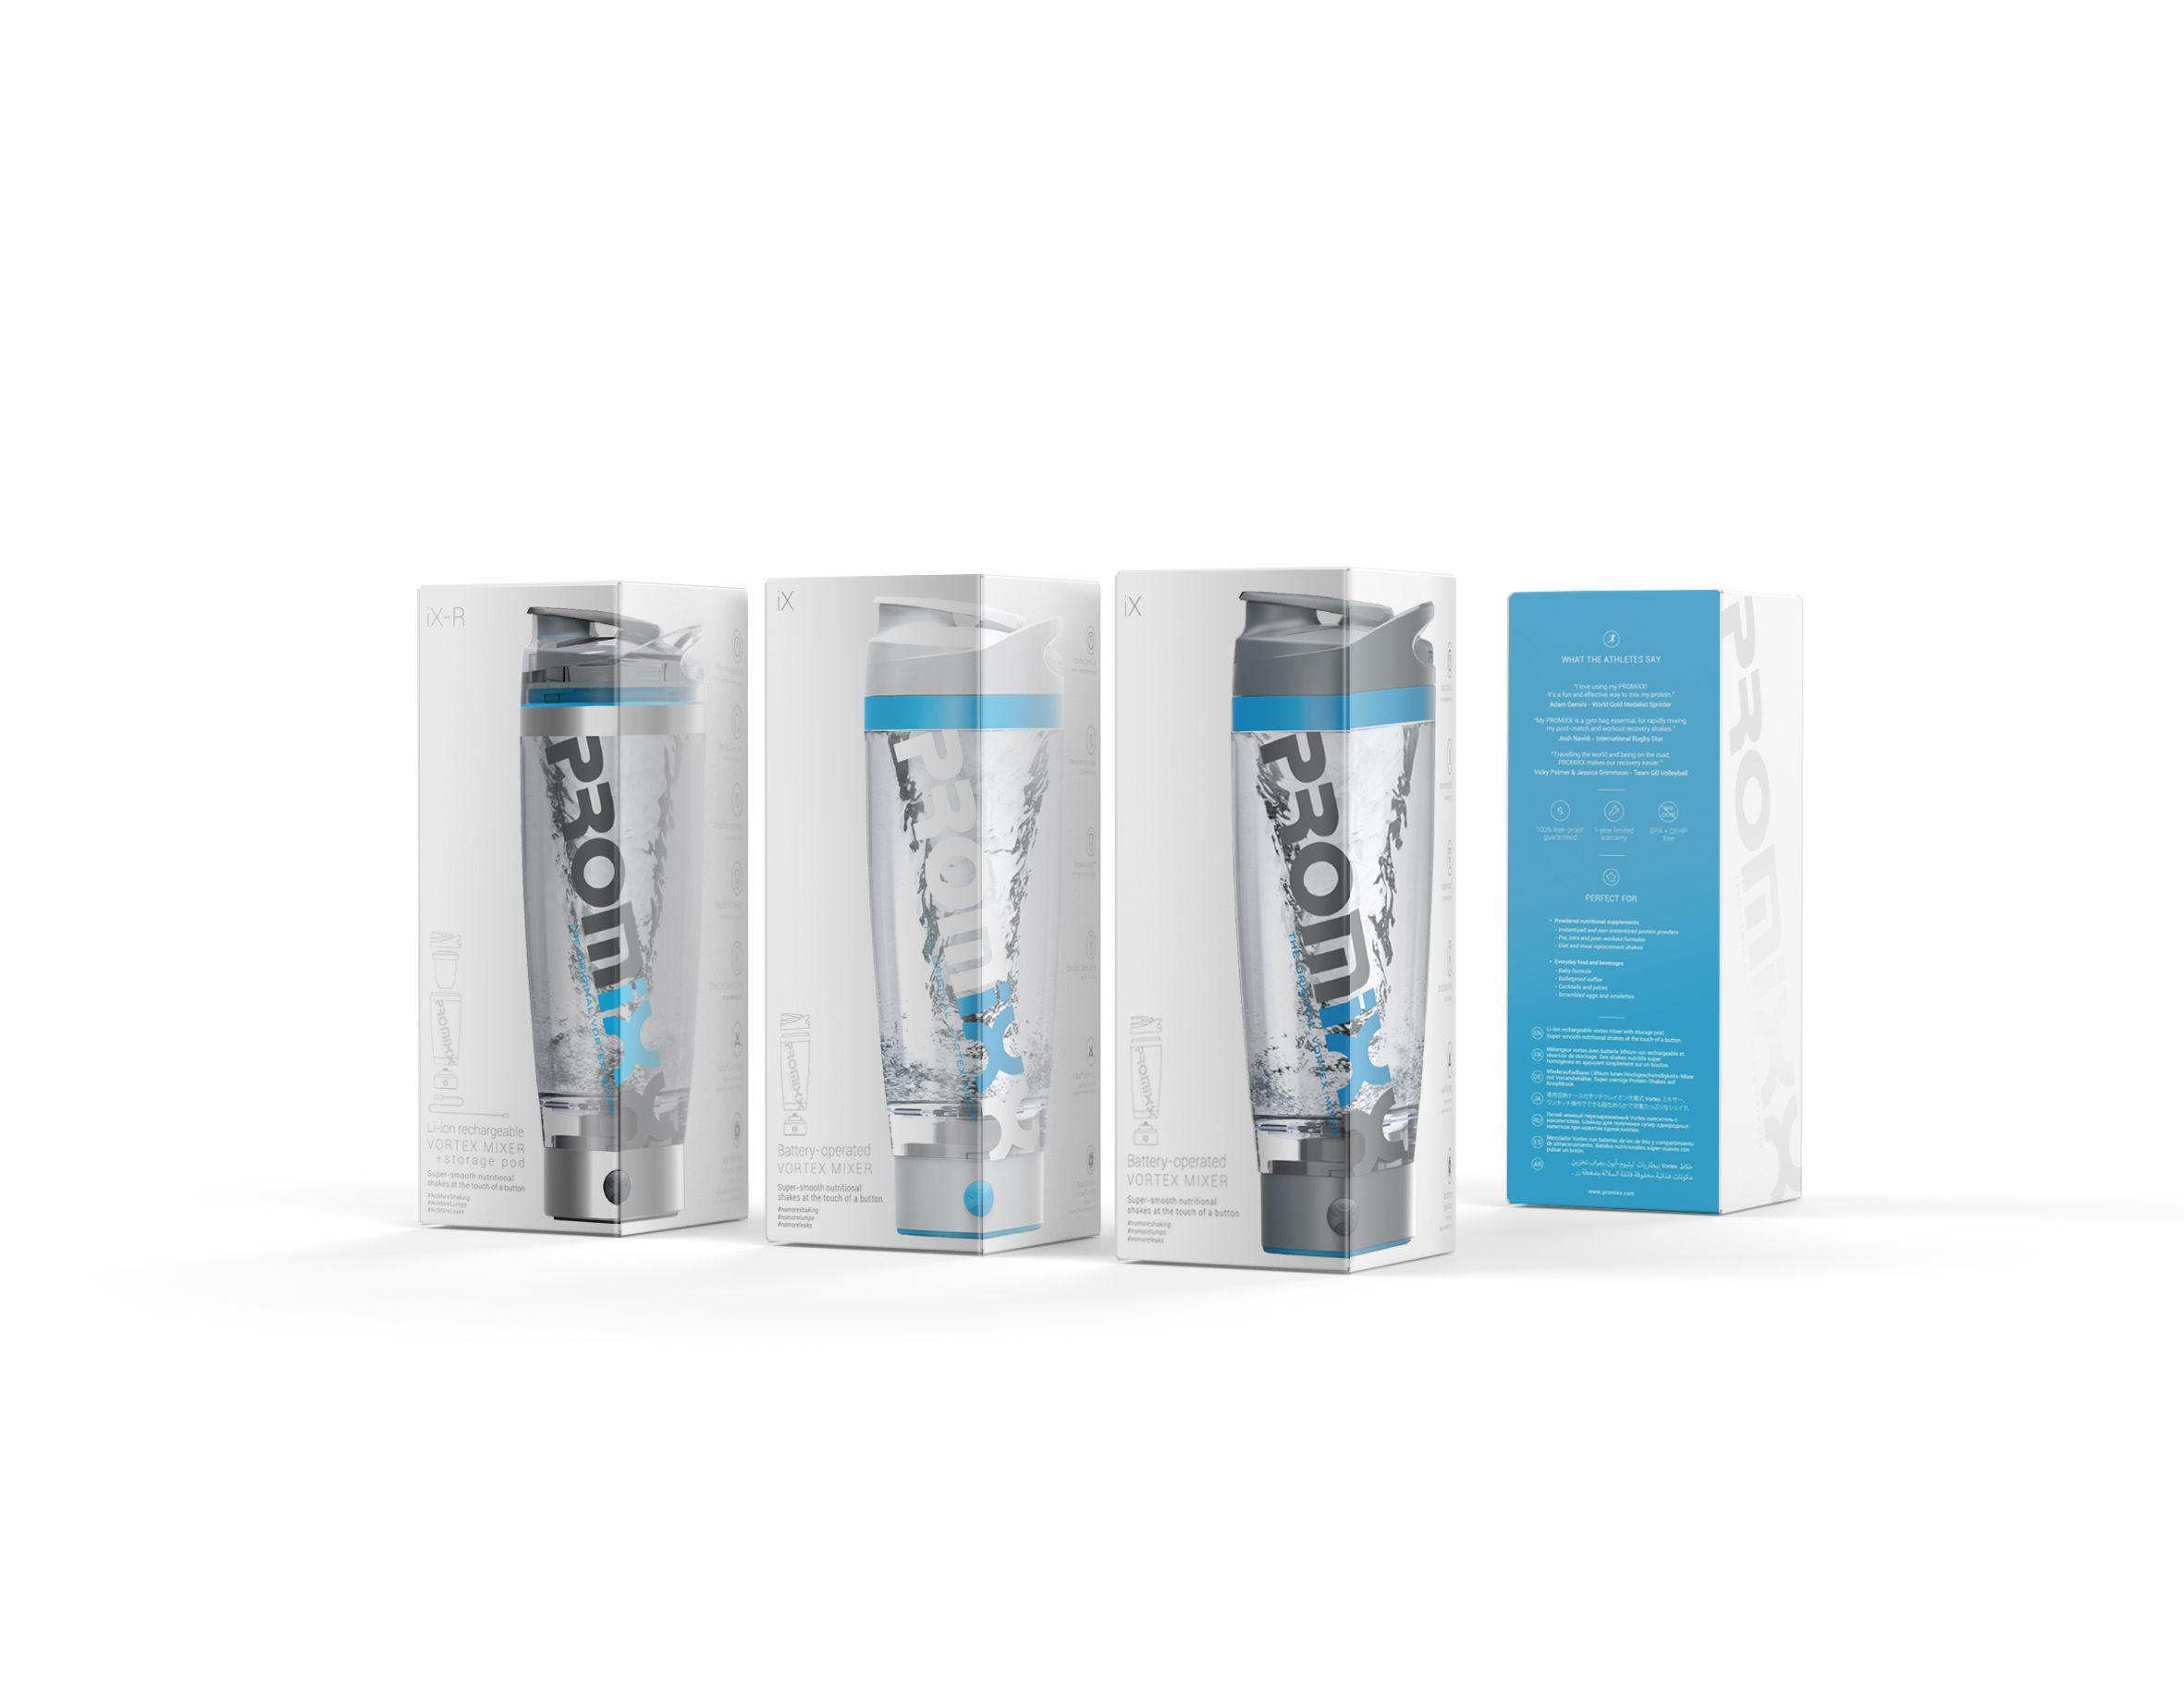 Botella mezcladora PROMiXX Vortex, Mezclador Vortex, Botella